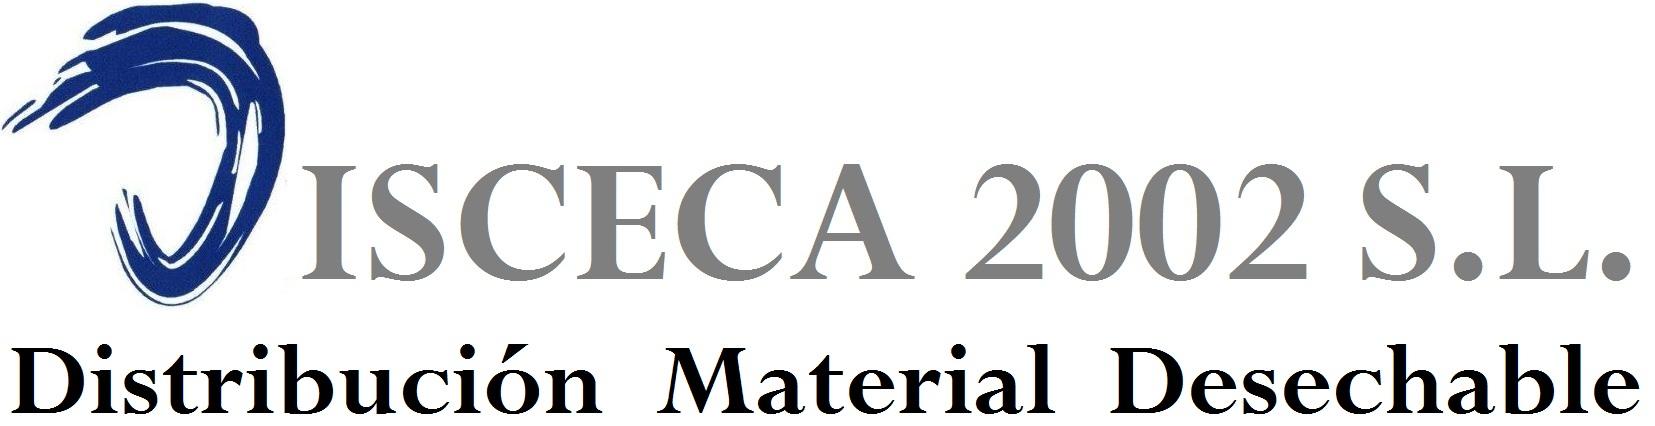 Disceca2002